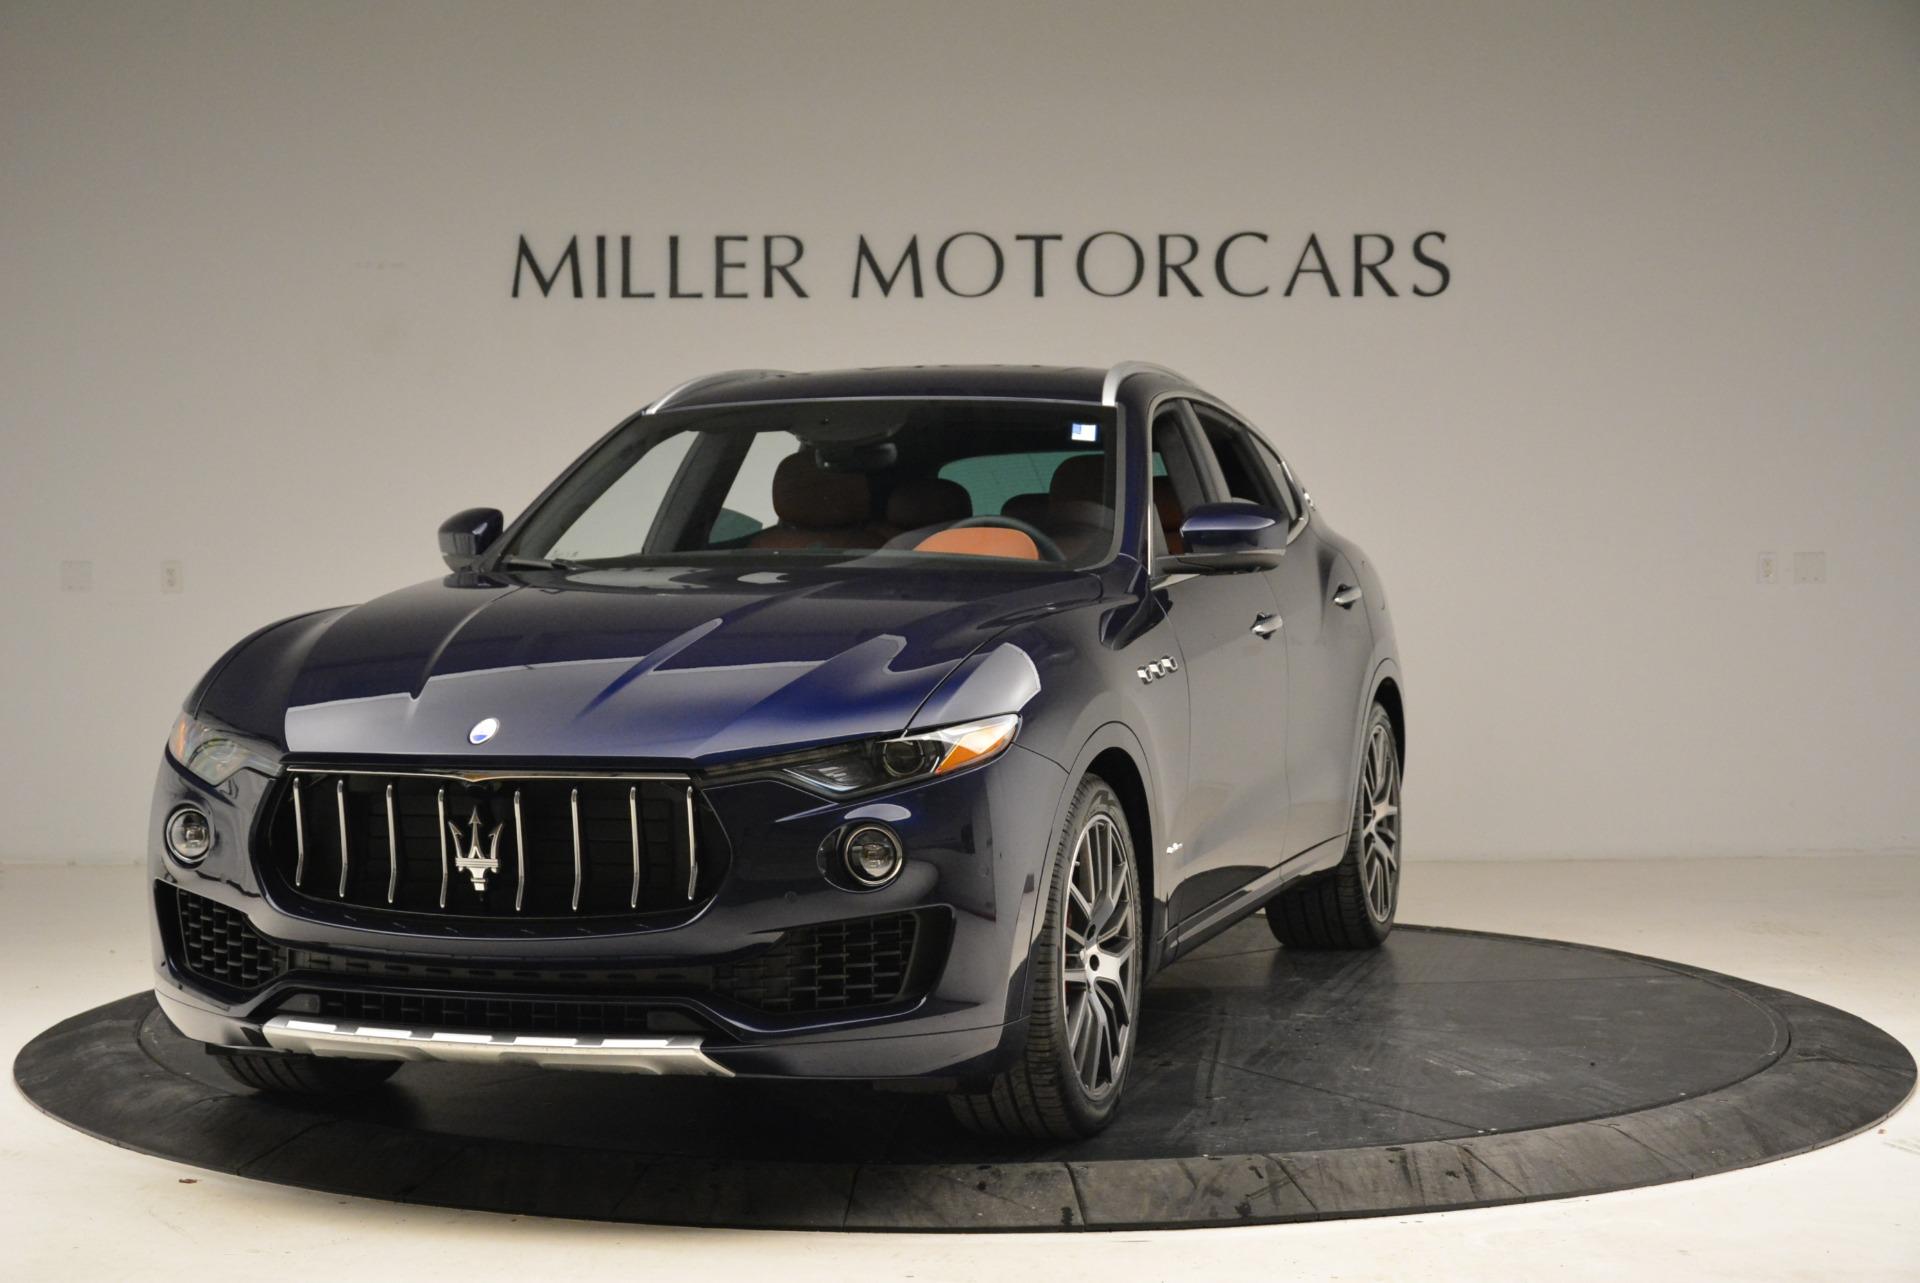 2018 Maserati Levante S Q4 GranLusso Stock M2038 for sale near